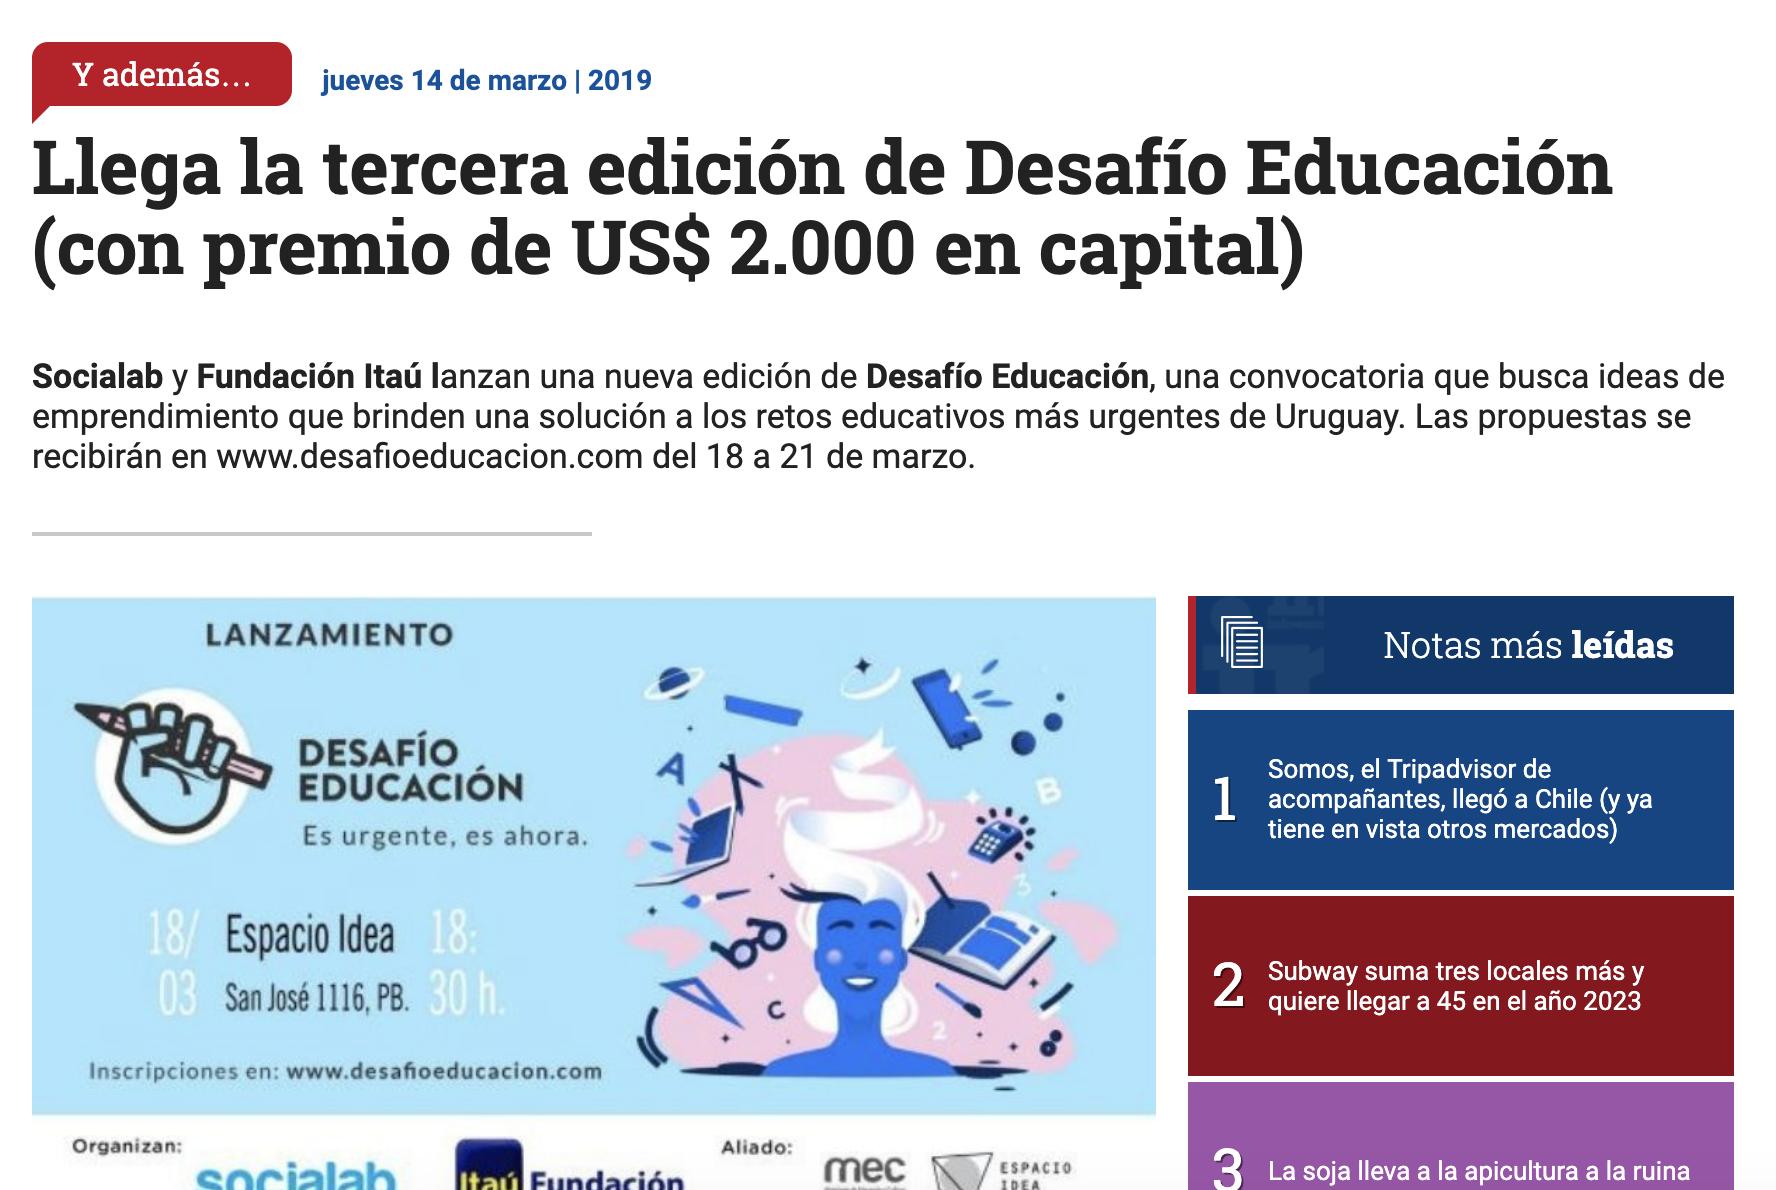 Llega la tercera edición de Desafío Educación (con premio de US$ 2.000 en capital) -